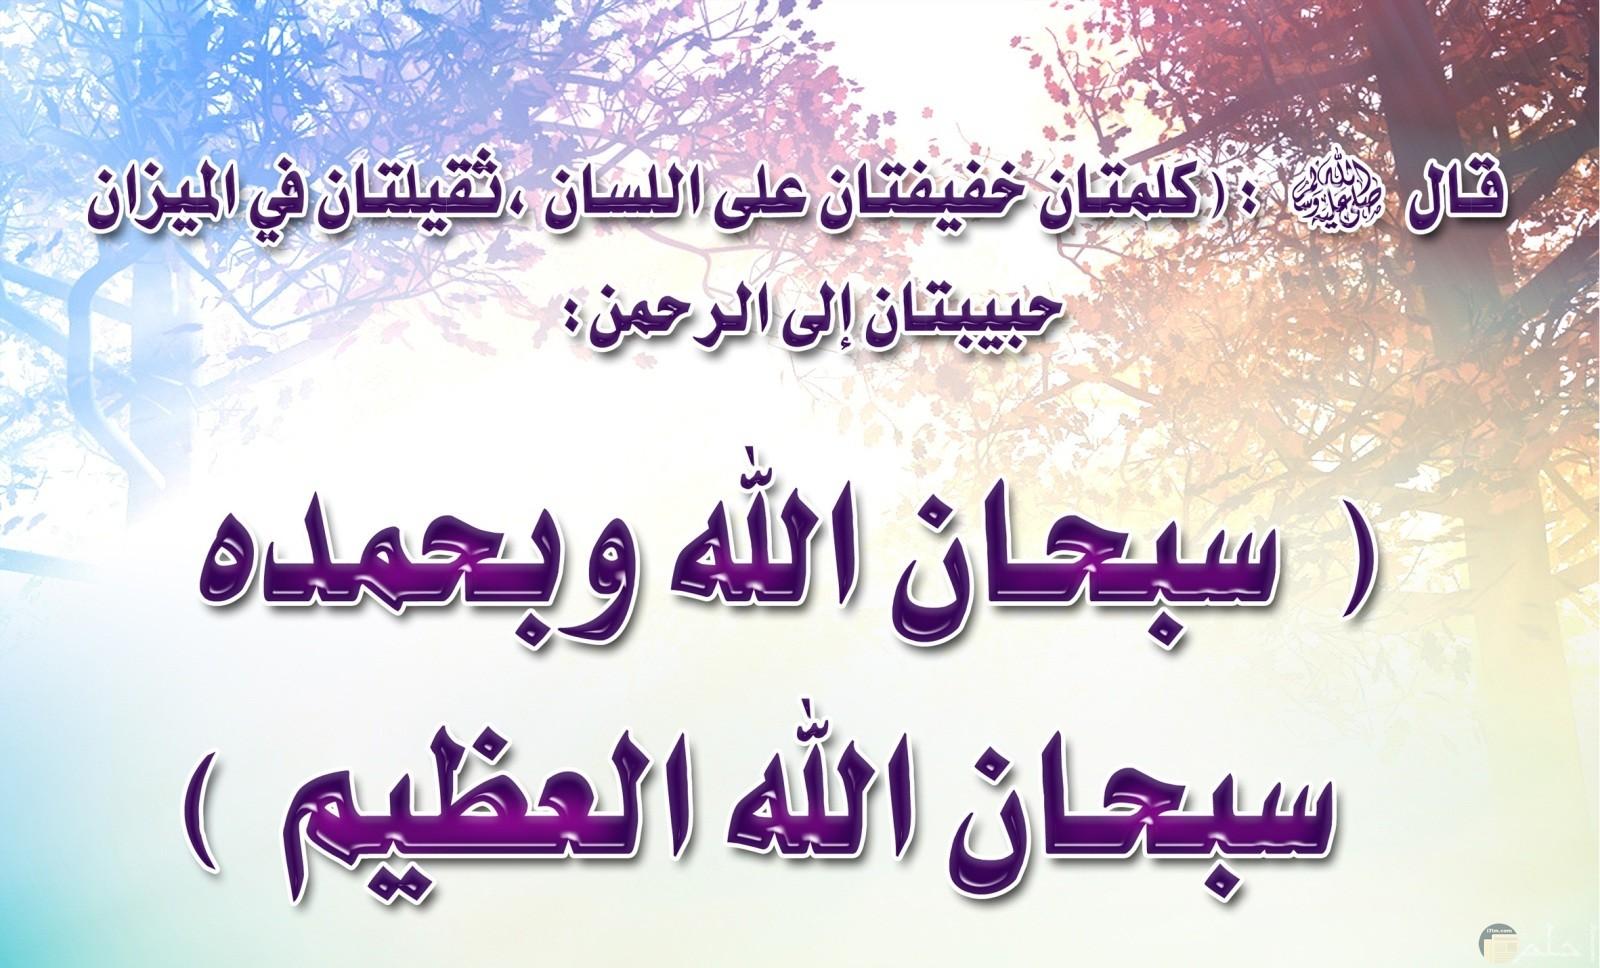 خلفيات سبحان الله وبحمدة سبحان الله العظيم